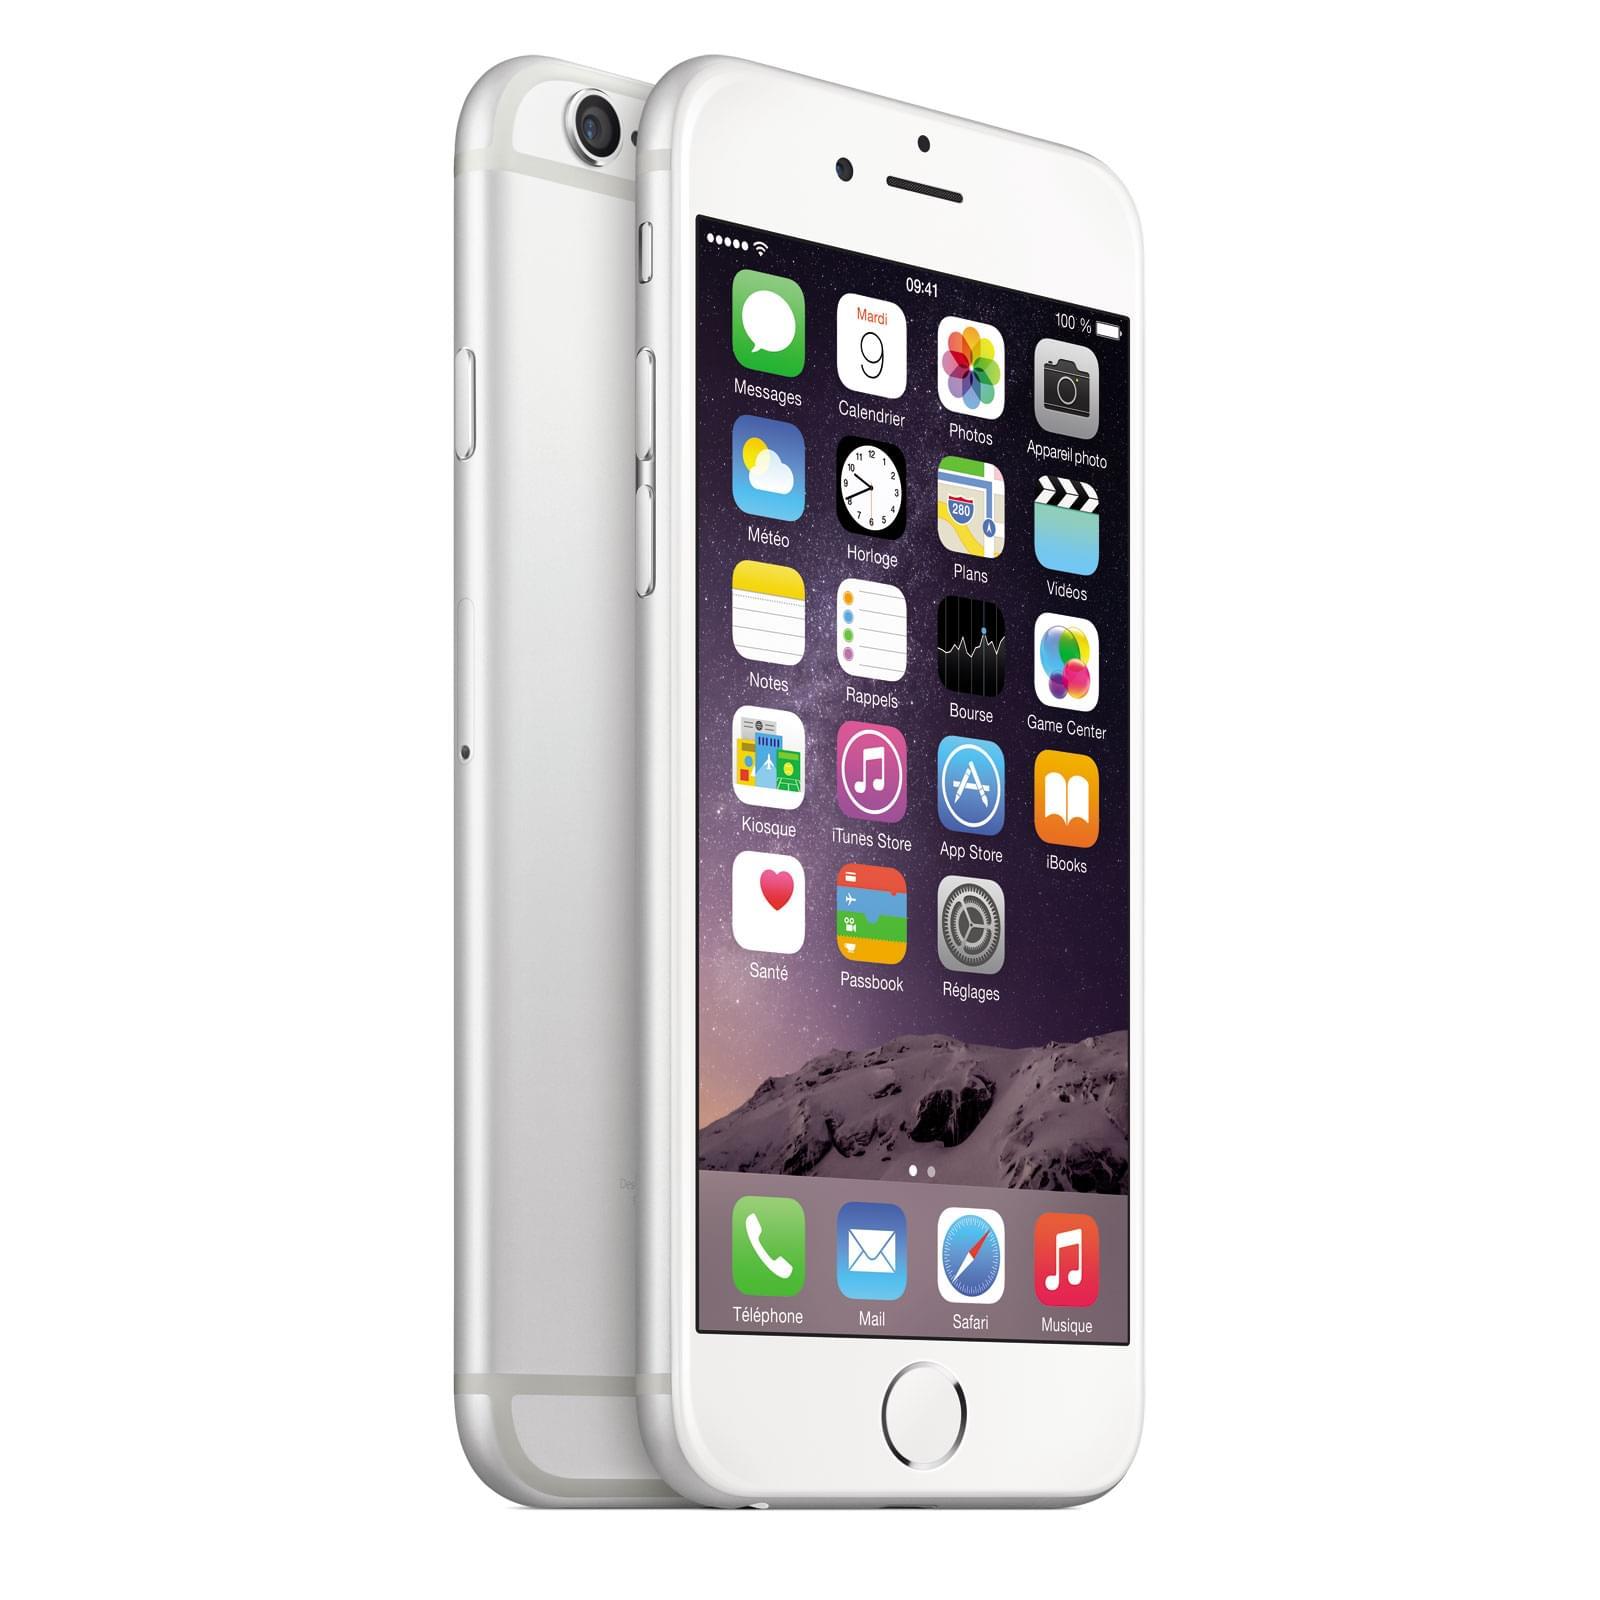 Apple iPhone 6 16Go Argent (MG482ZD/A) - Achat / Vente Téléphonie sur Cybertek.fr - 0